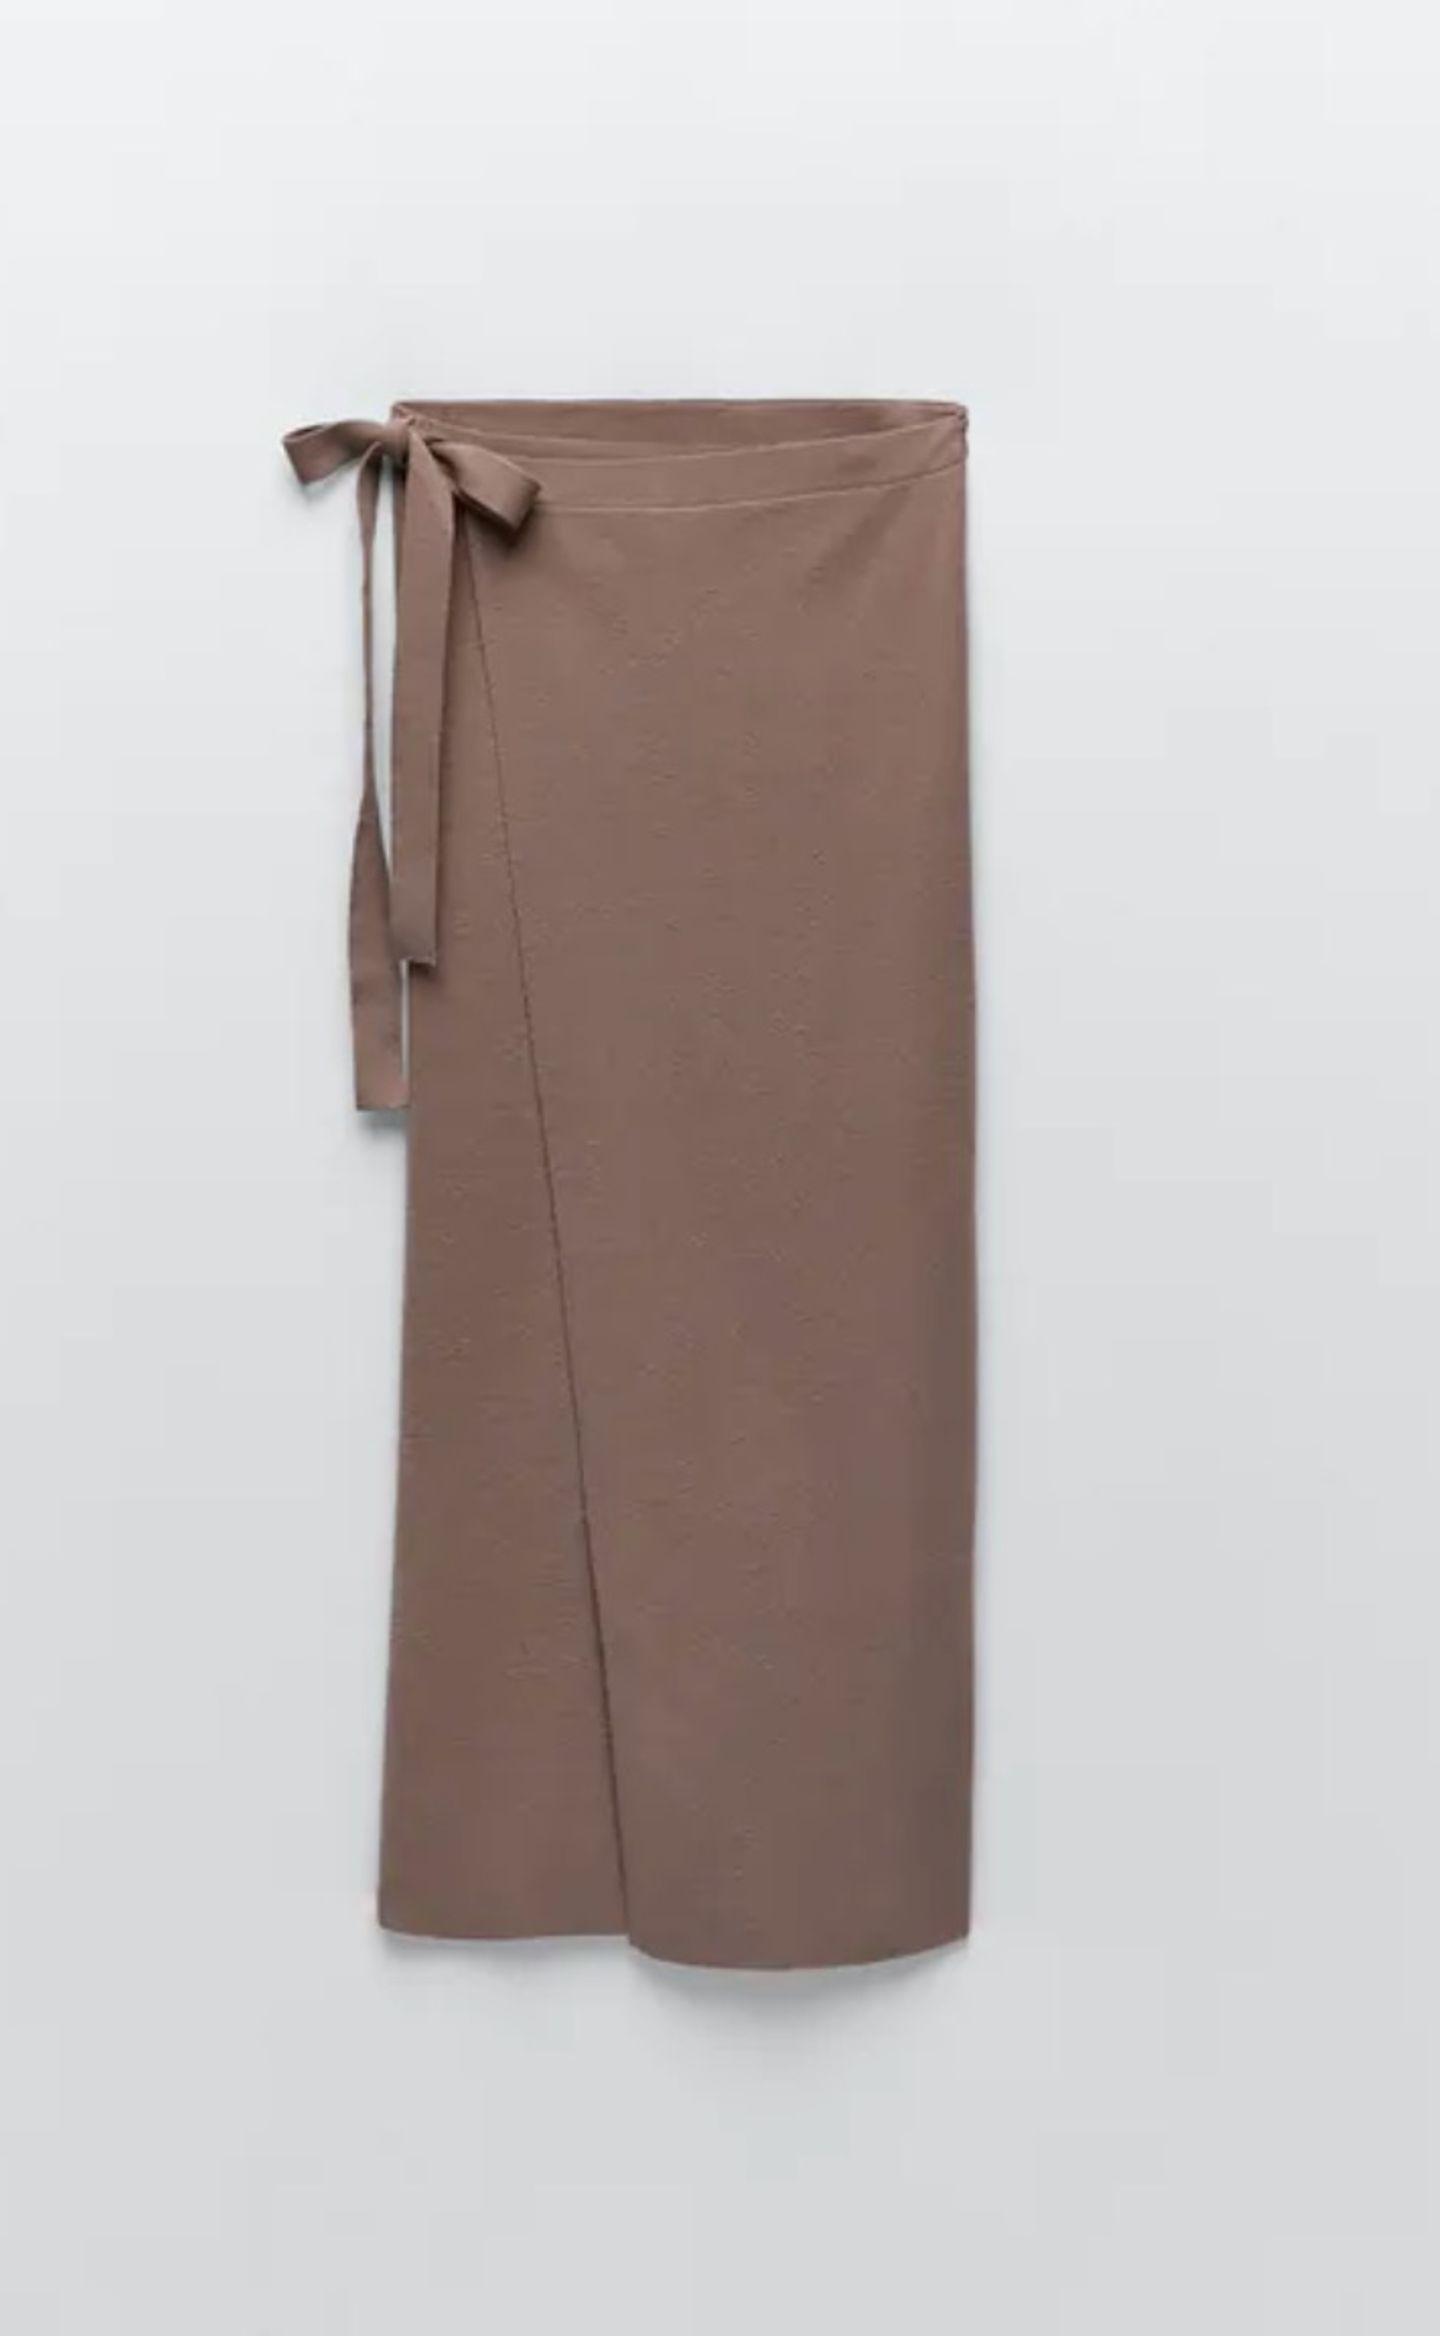 Wir startenstylisch in den Januar und pimpen unseren Look mit diesem braunen Wickelrock. Jetzt noch ein paarSchaftstiefeln und einen Pullover mit Turtleneck dazu – et volià. Von Zara, um 30 Euro.